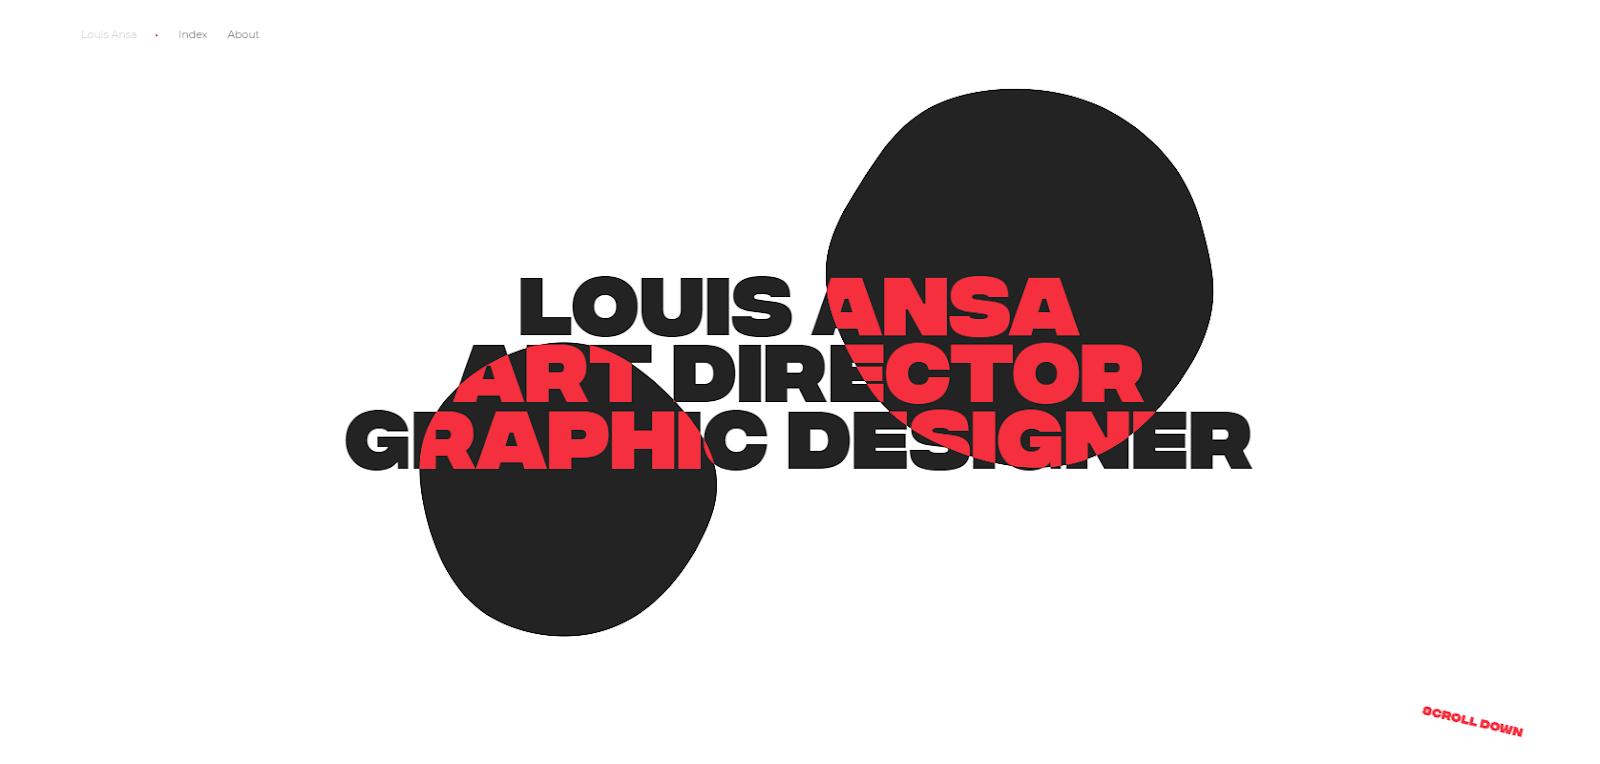 Louis Ansa